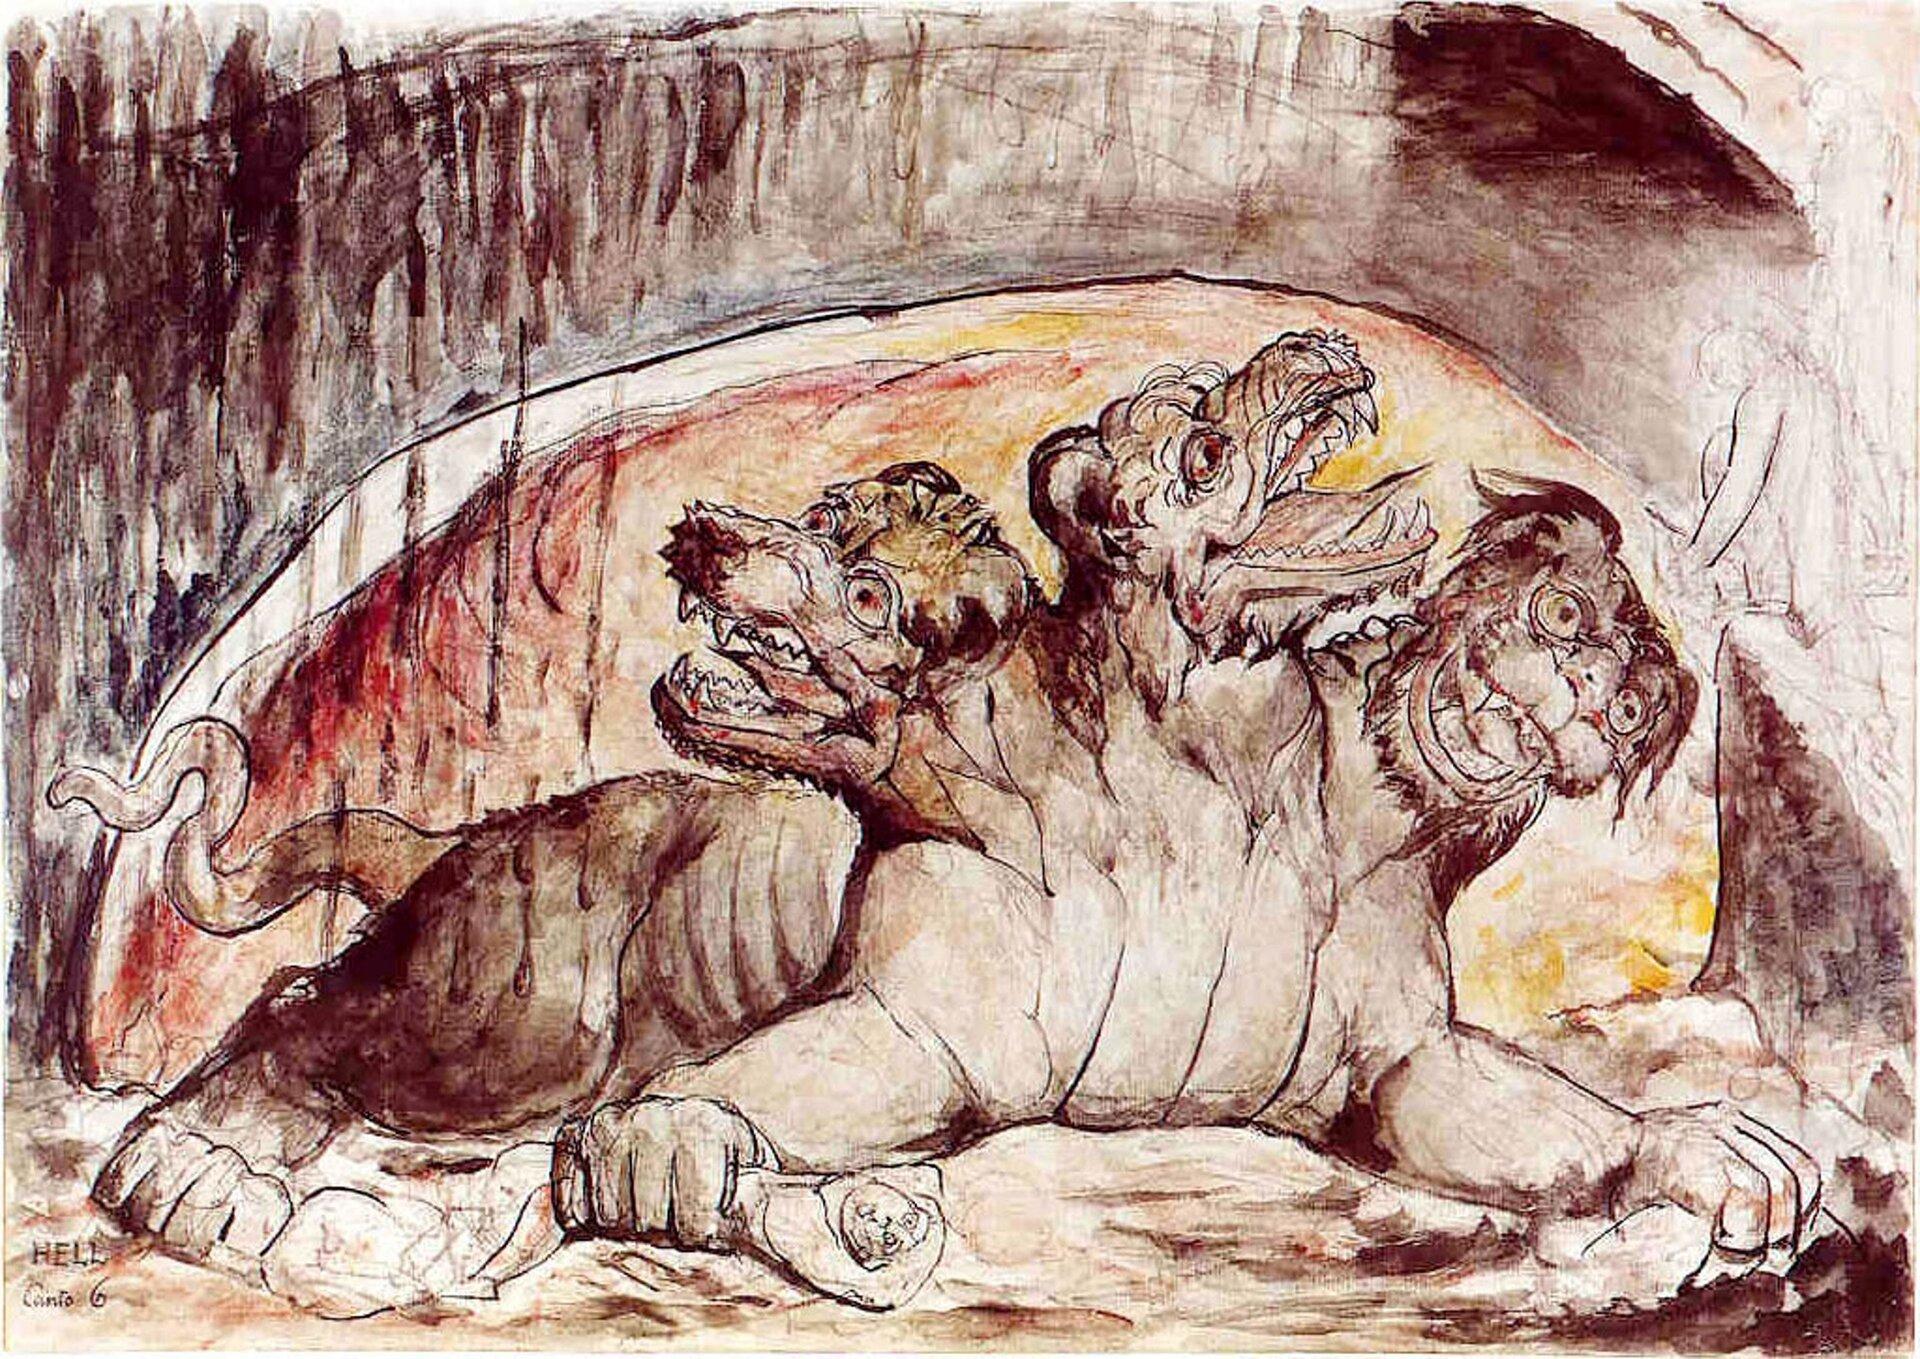 """Ilustracja przedstawia obraz Williama Blake pt. """"Cerberus"""". Na obrazie znajduje się trzygłowy pies - cerber."""